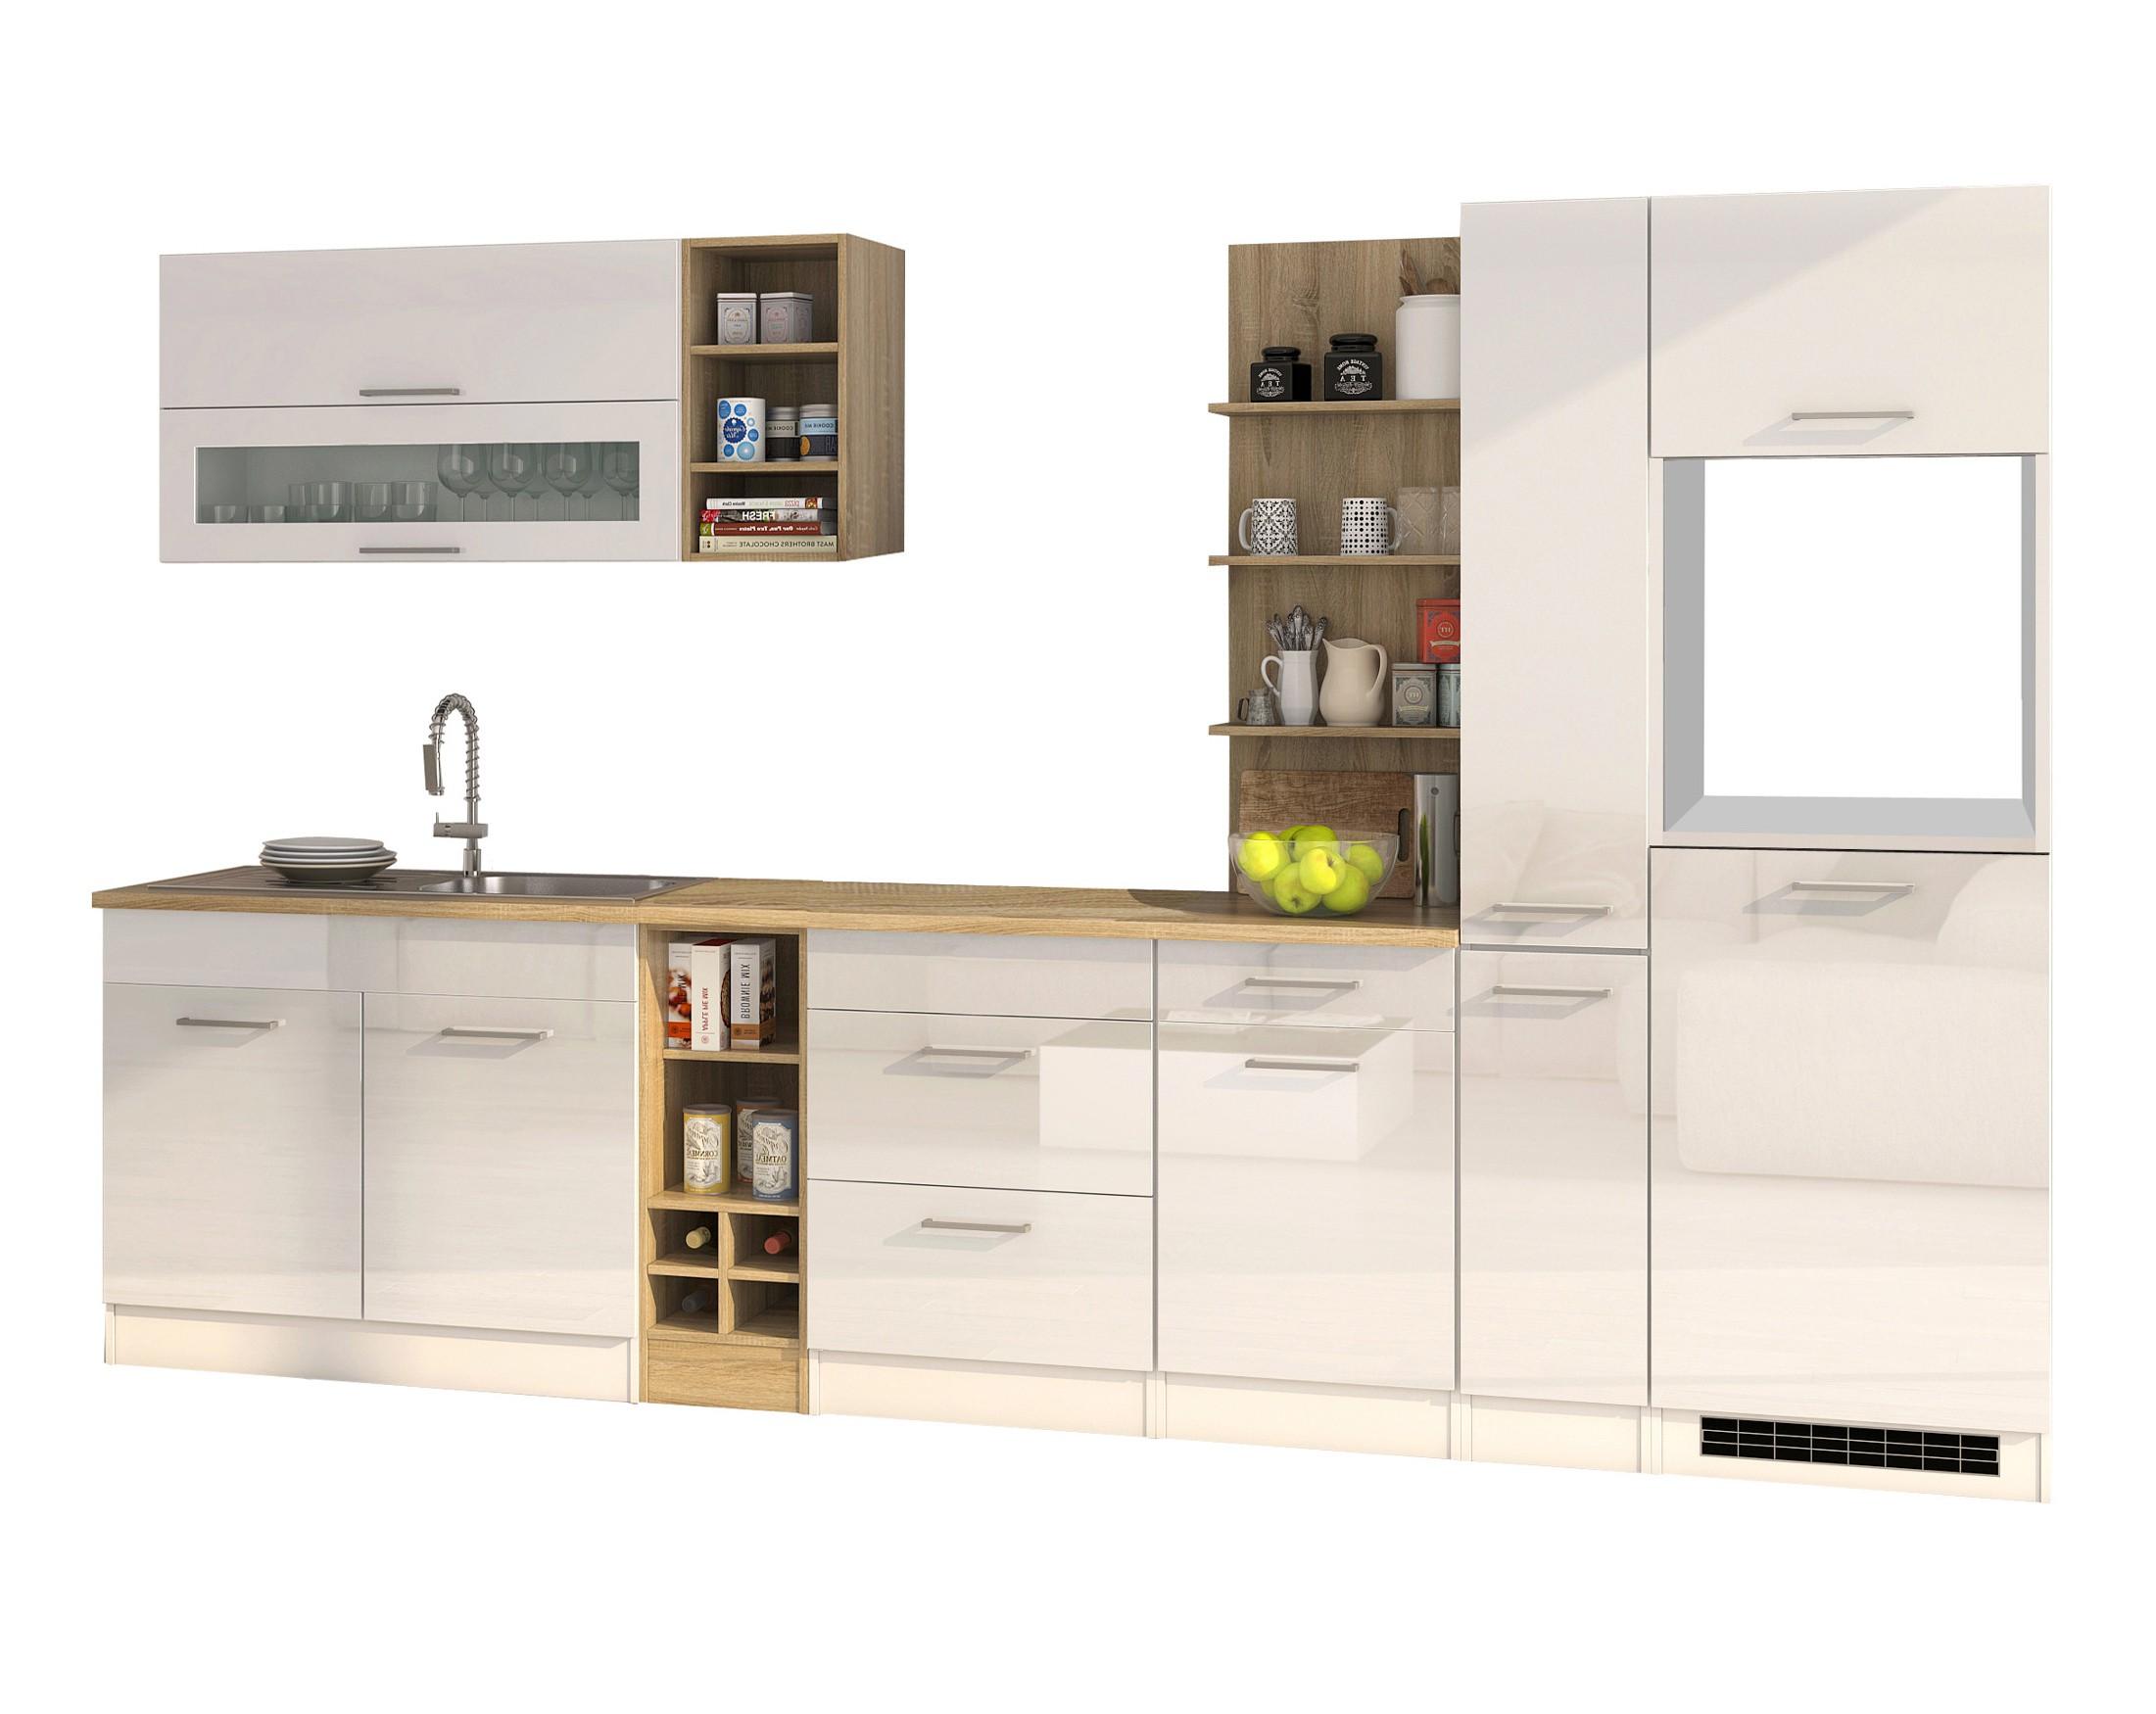 Einbauküche Ohne Elektrogeräte Küchenzeile Ohne Geräte 330 Cm Hochglanz  Weiss